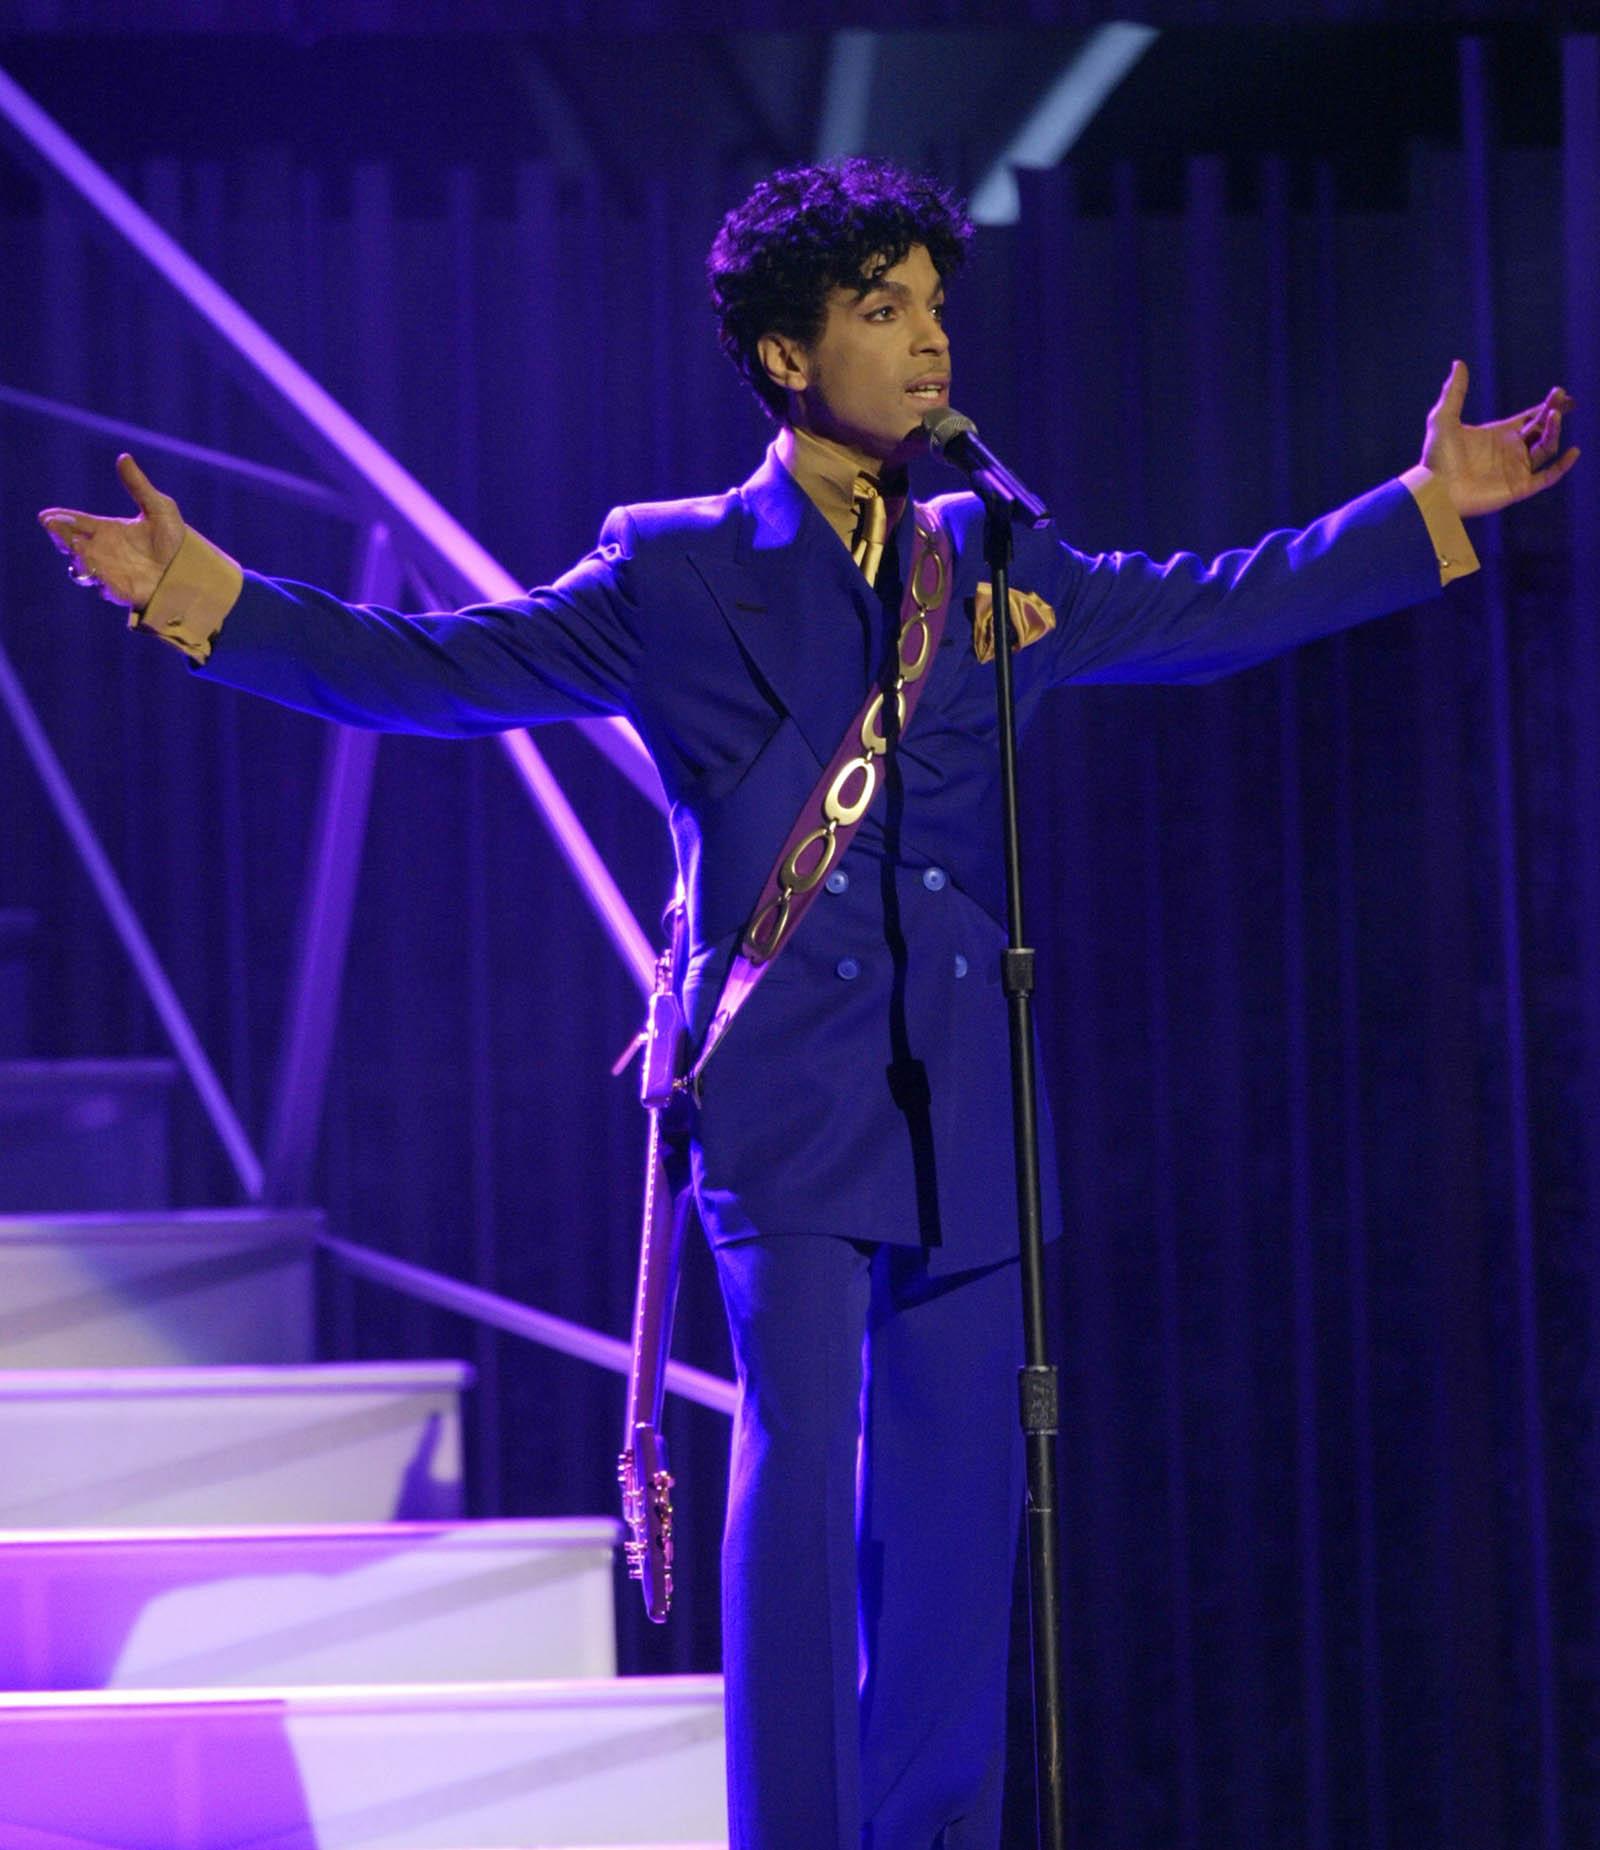 El violeta, el color que el artista decidió llevar por el mundo. Foto AP.